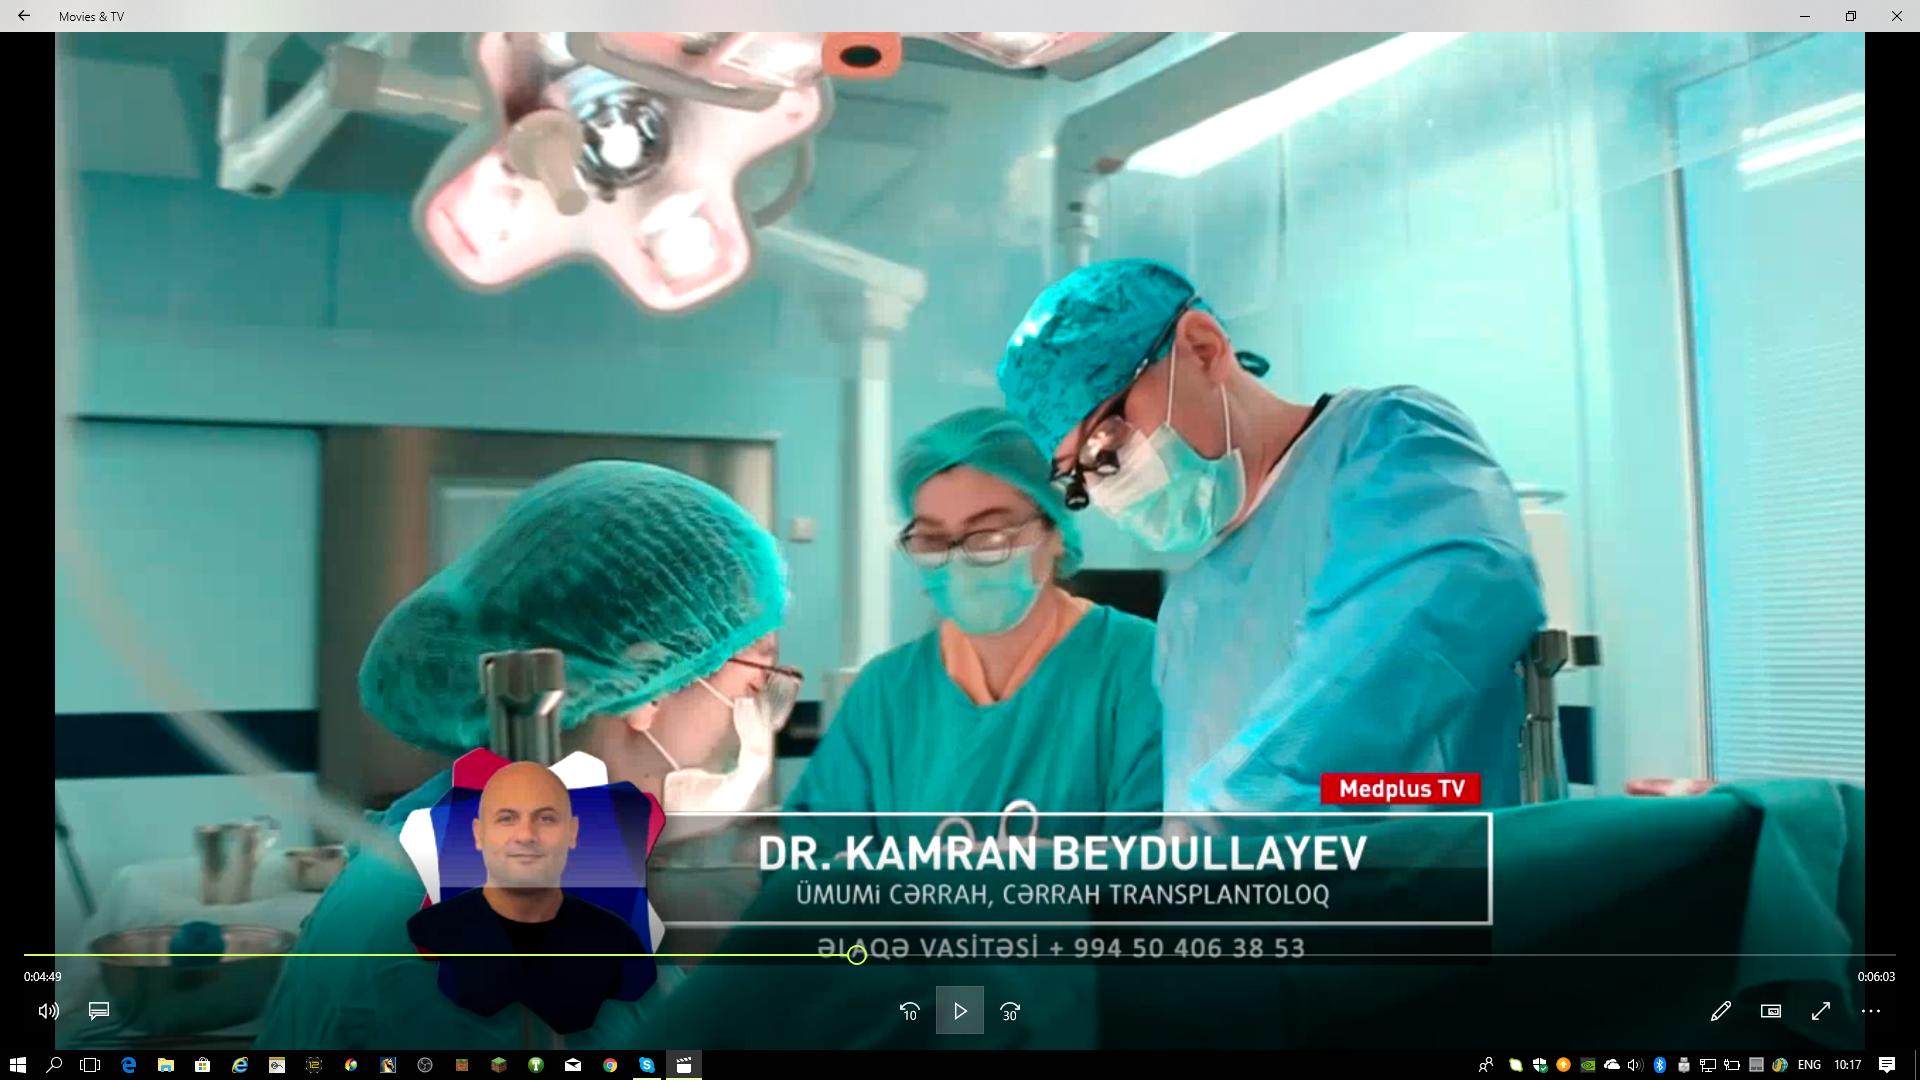 Kamran Beydullayev